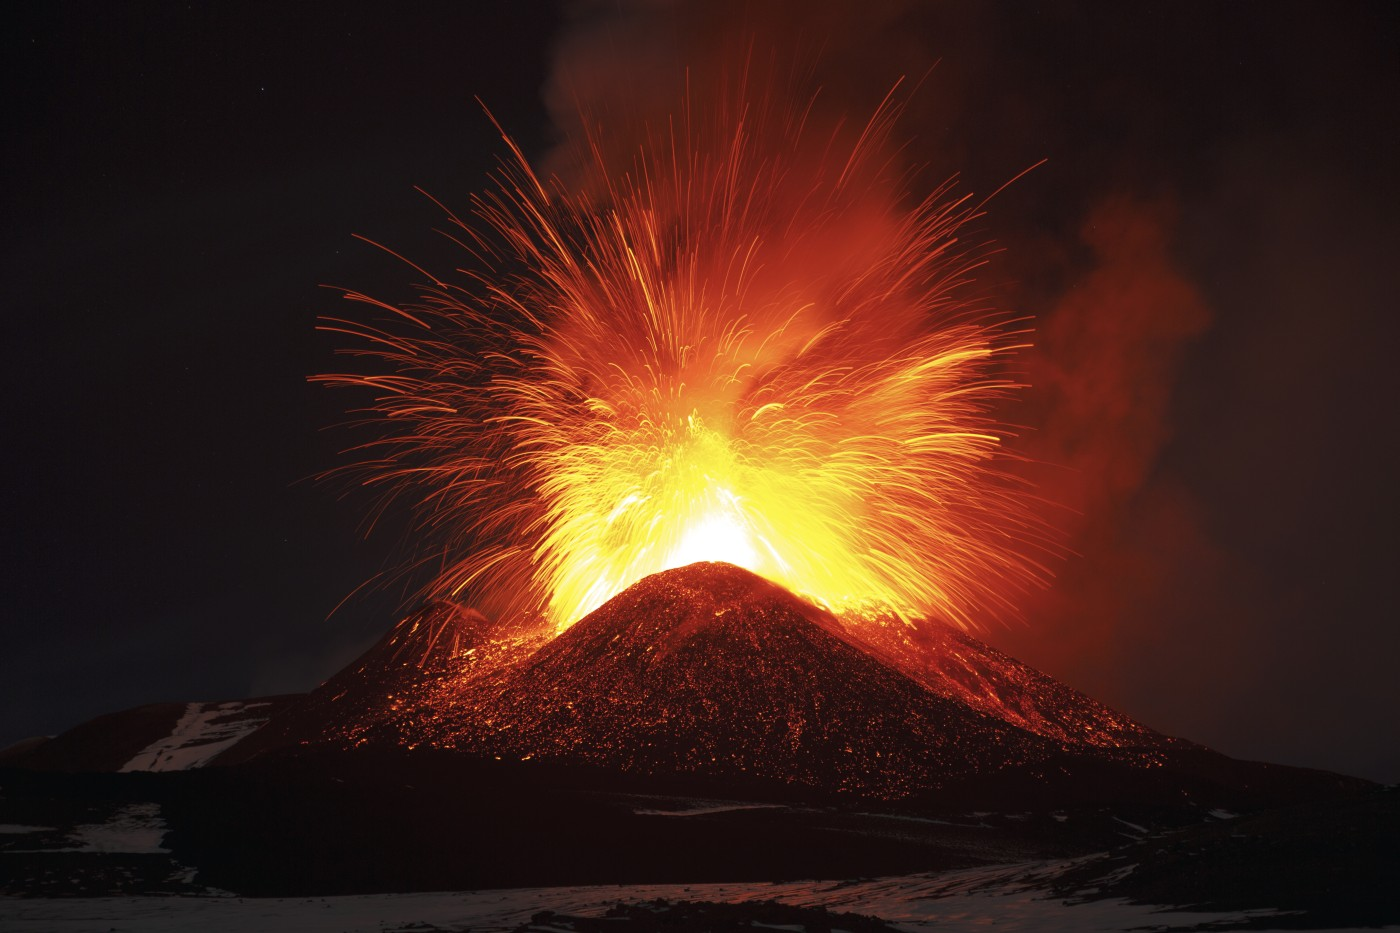 Vulkan Der Film Kostenlos Ansehen